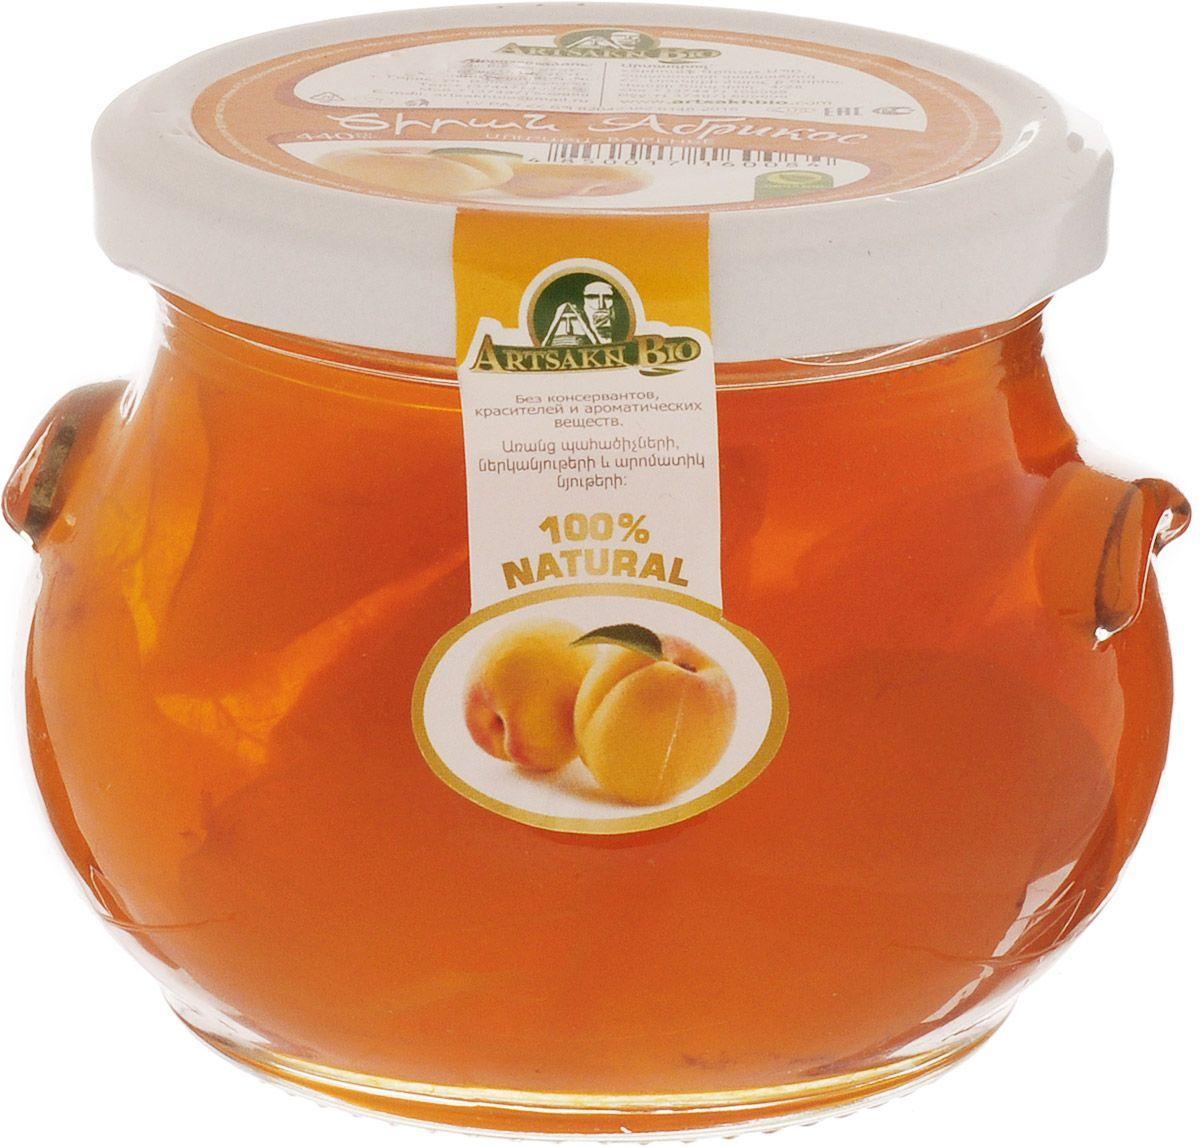 Варенье Artsakh Bio из абрикоса